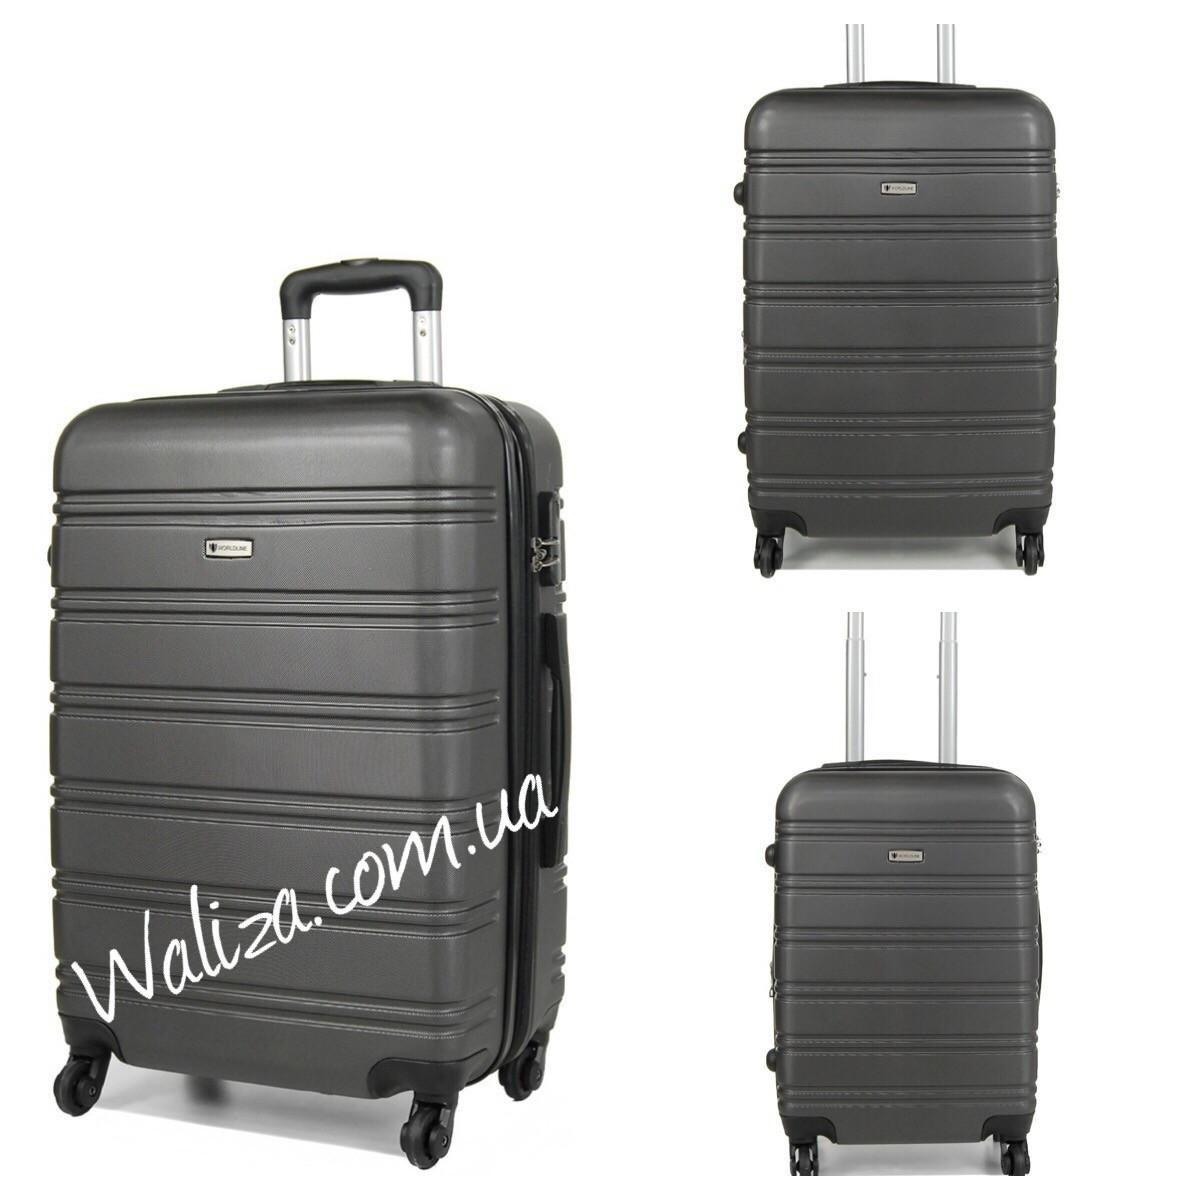 25e18c319ab7 Чемоданы Worldline 531 набор 3 шт графит - Интернет-магазин чемоданов и дорожных  сумок -